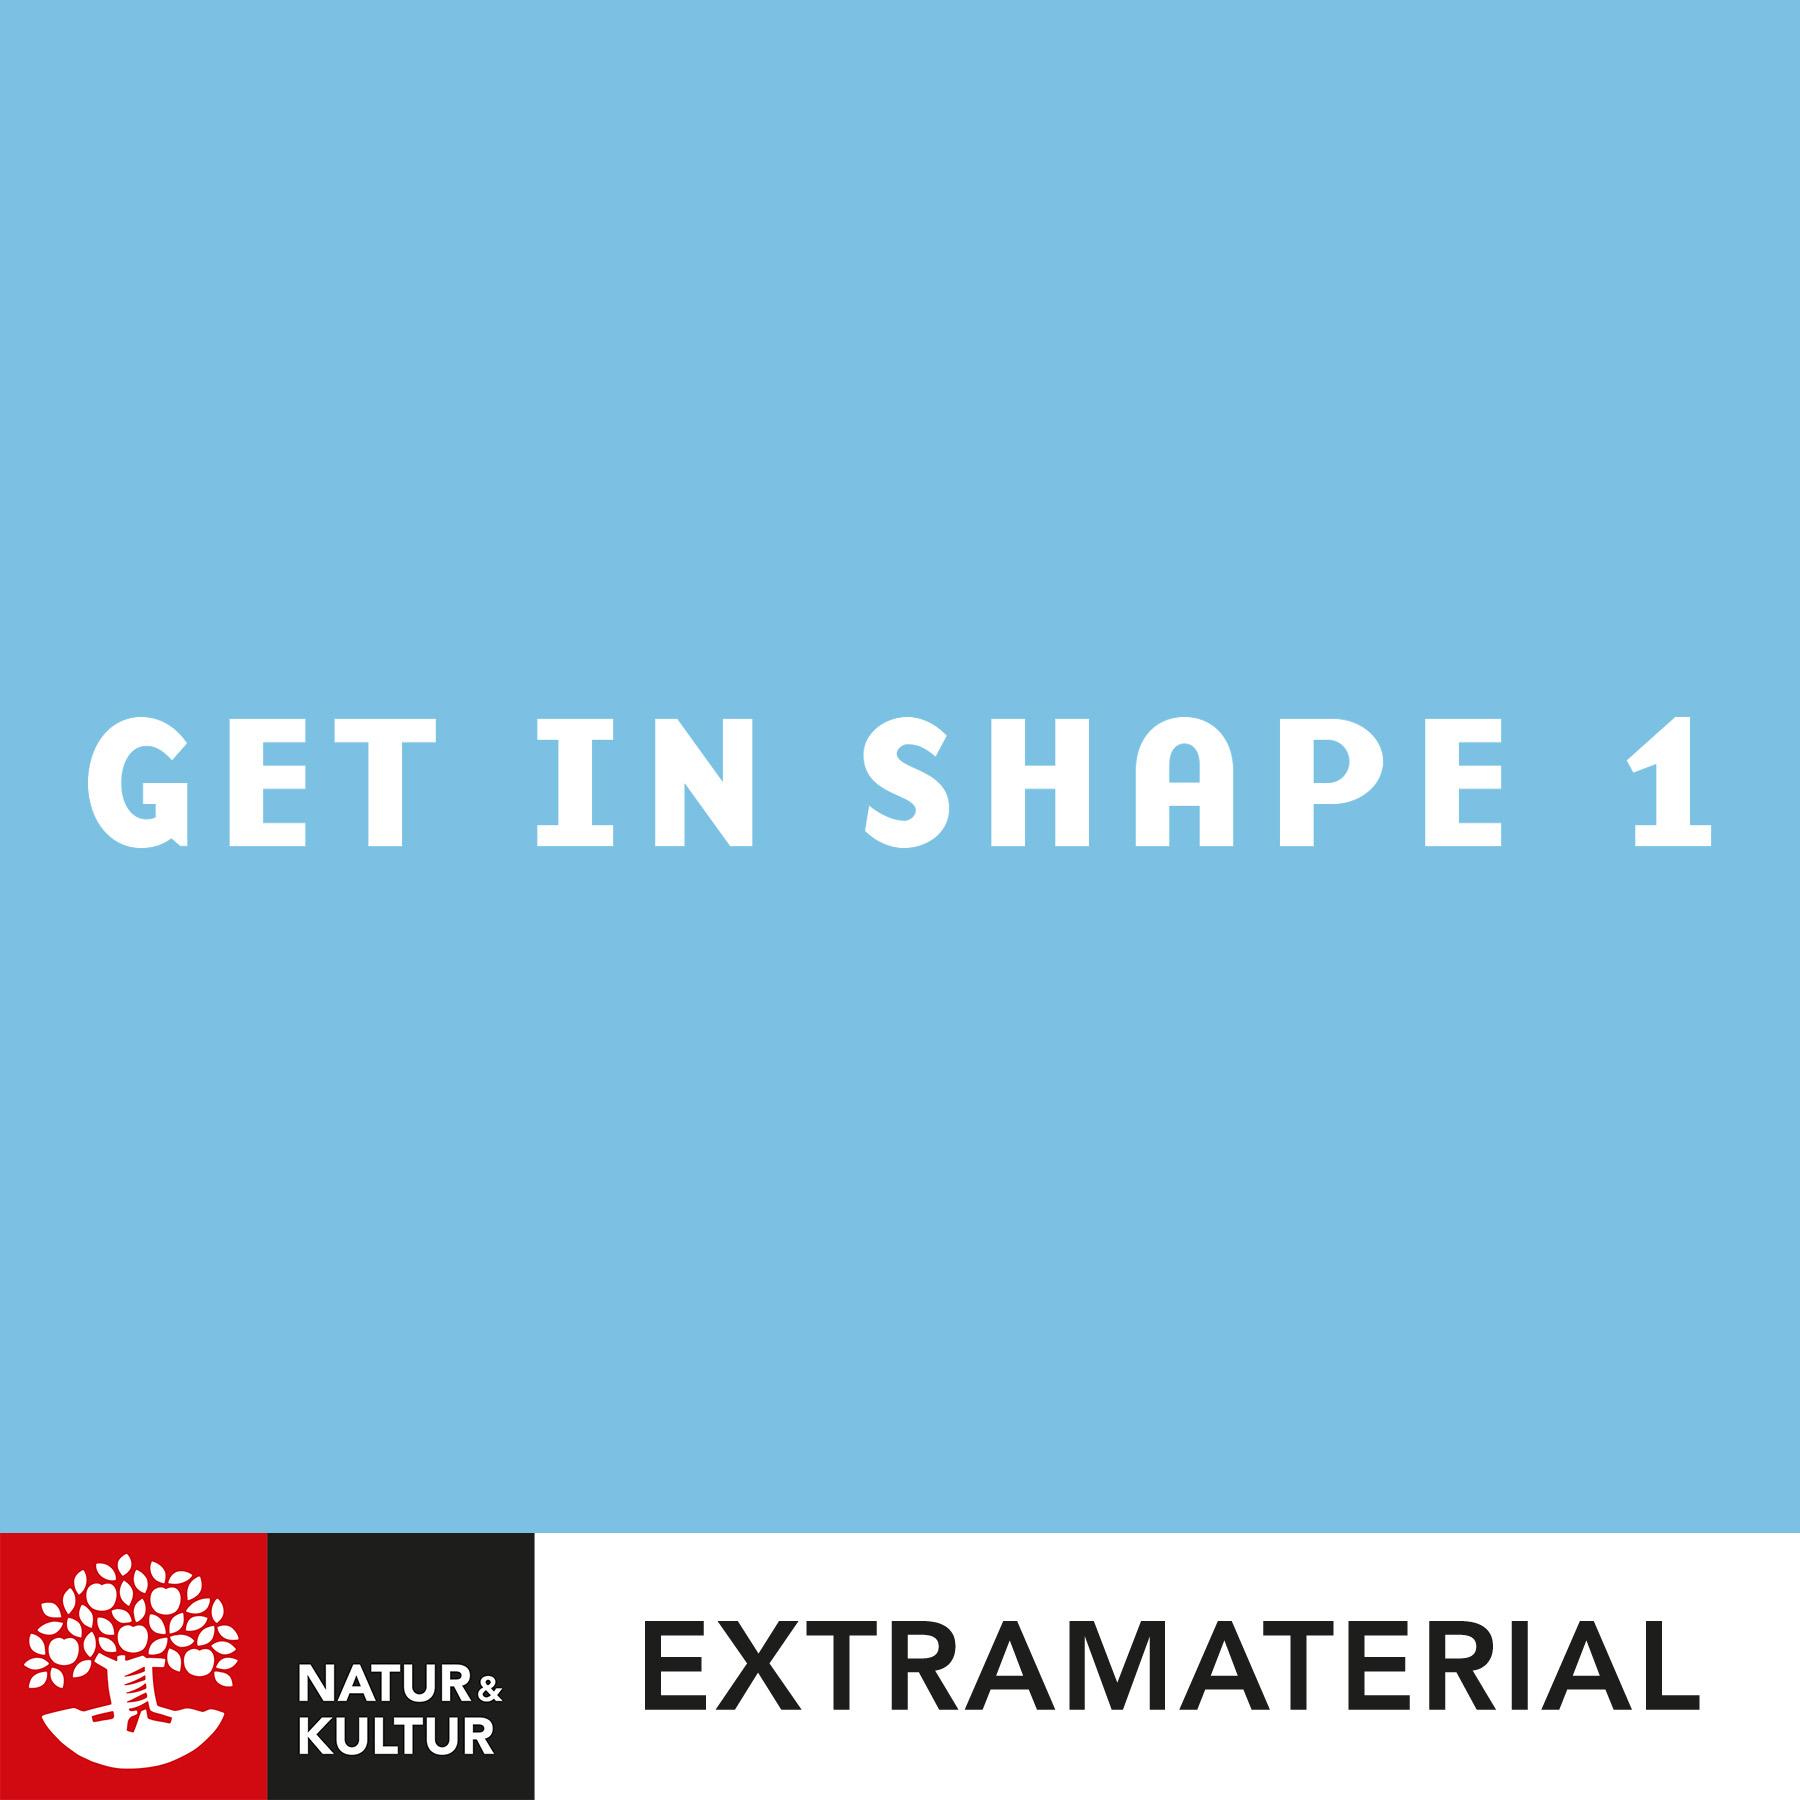 Get in Shape 1